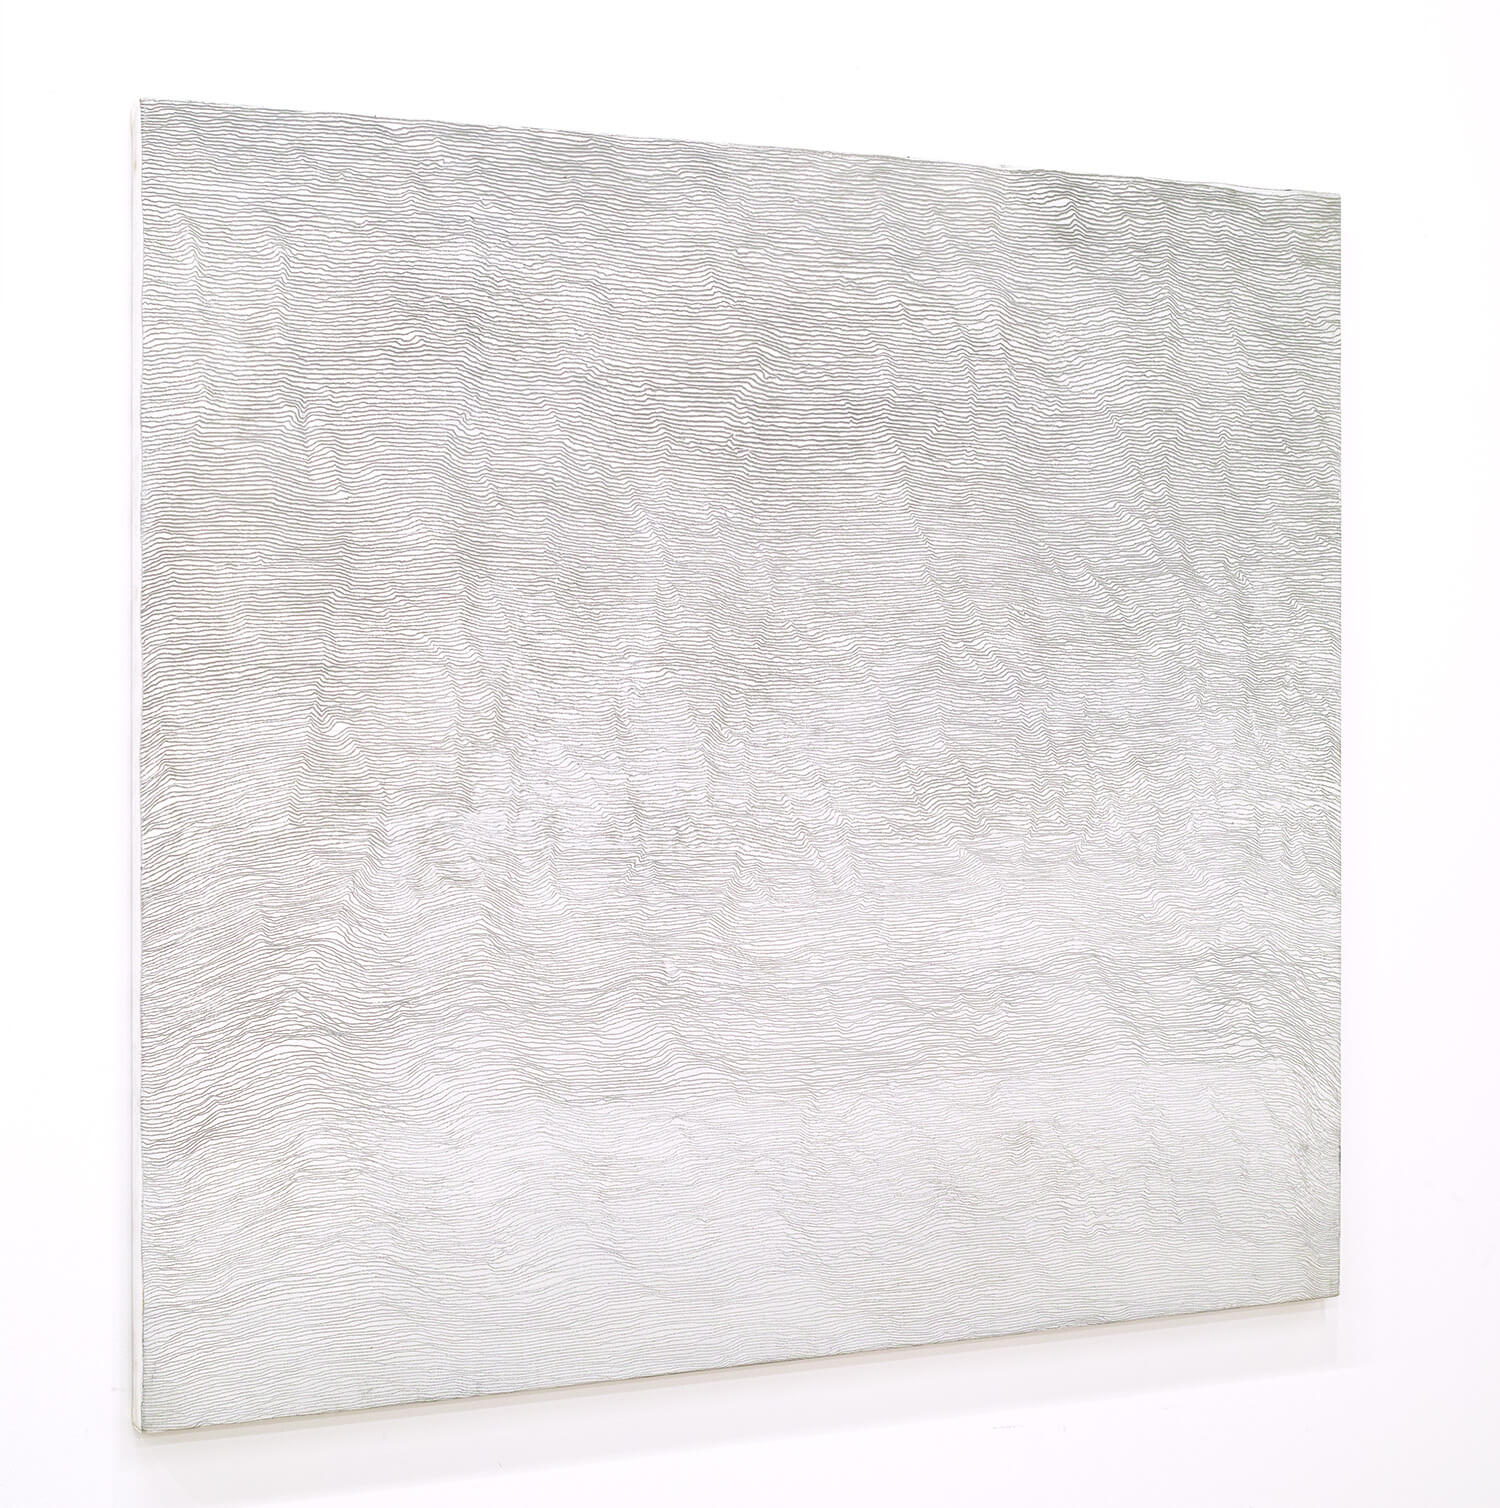 サイモン・フィッツジェラルド AP oil on canvas 106 x 96 cm 1996